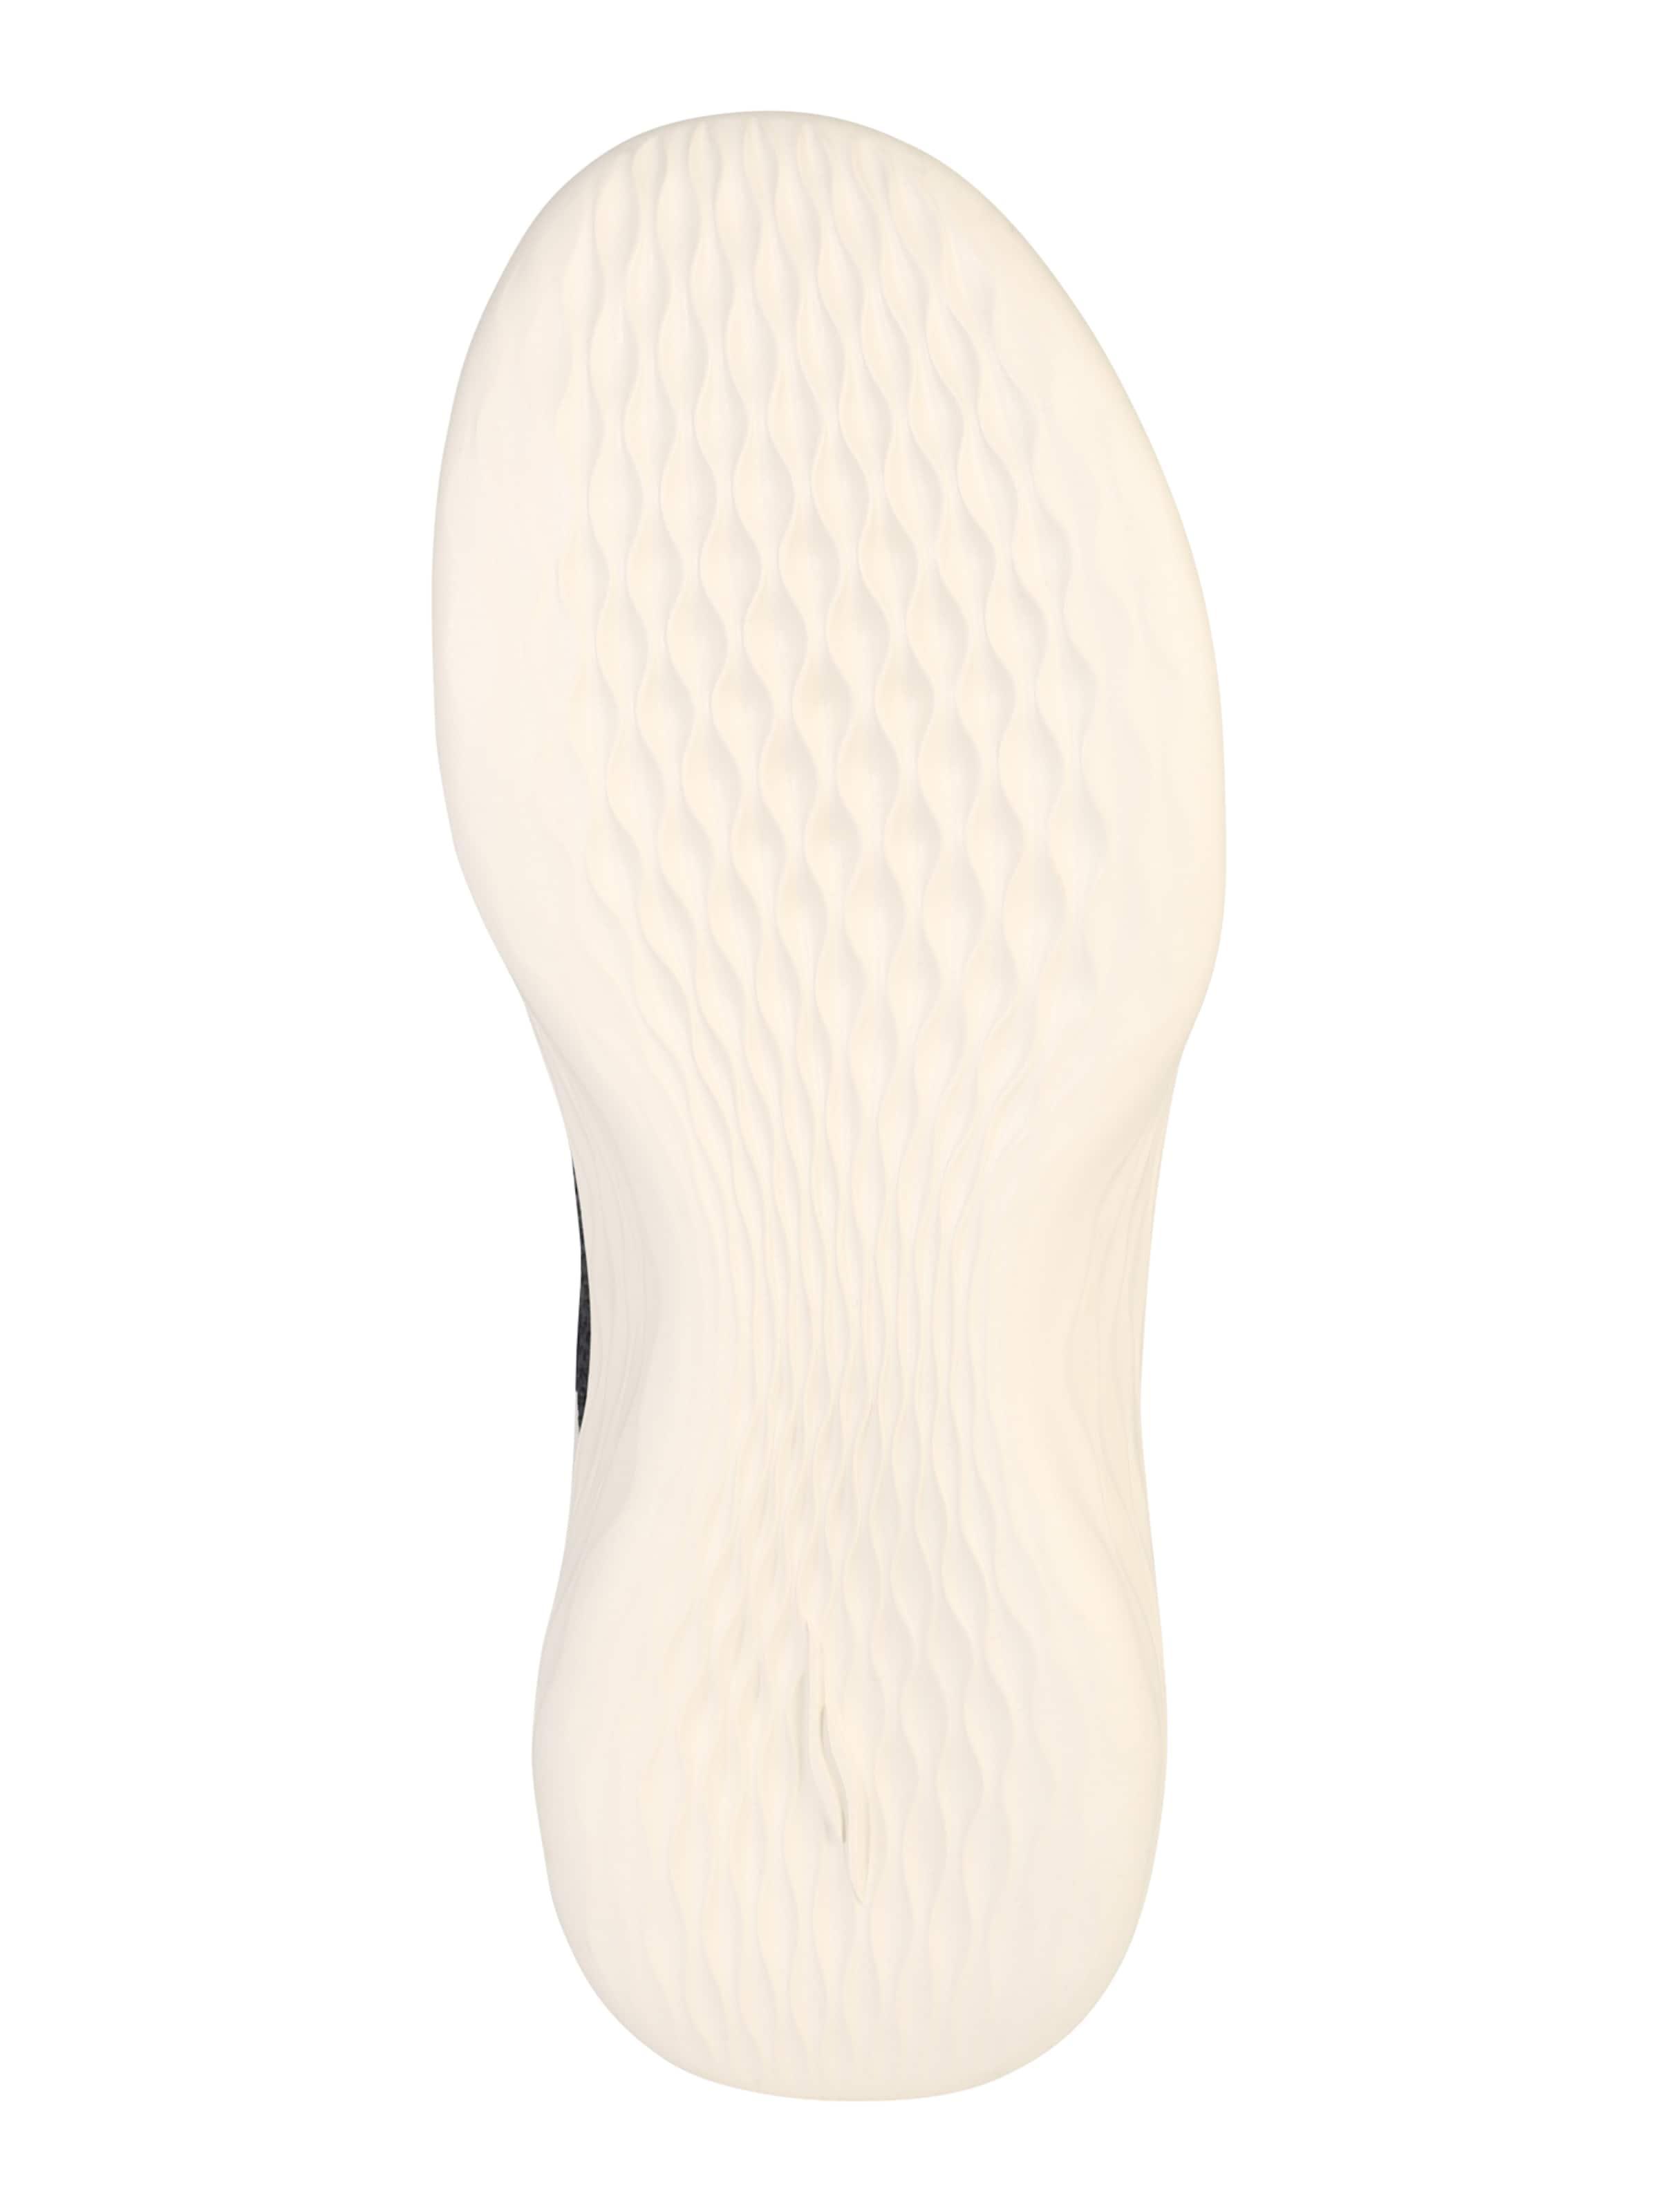 Billig Verkauf Browse Online-Verkauf SKECHERS 'YOU INSPIRE' Sneakers Verkauf Klassische Niedrige Versandgebühr Verkauf Online Ebay Auslass h9mBaXe